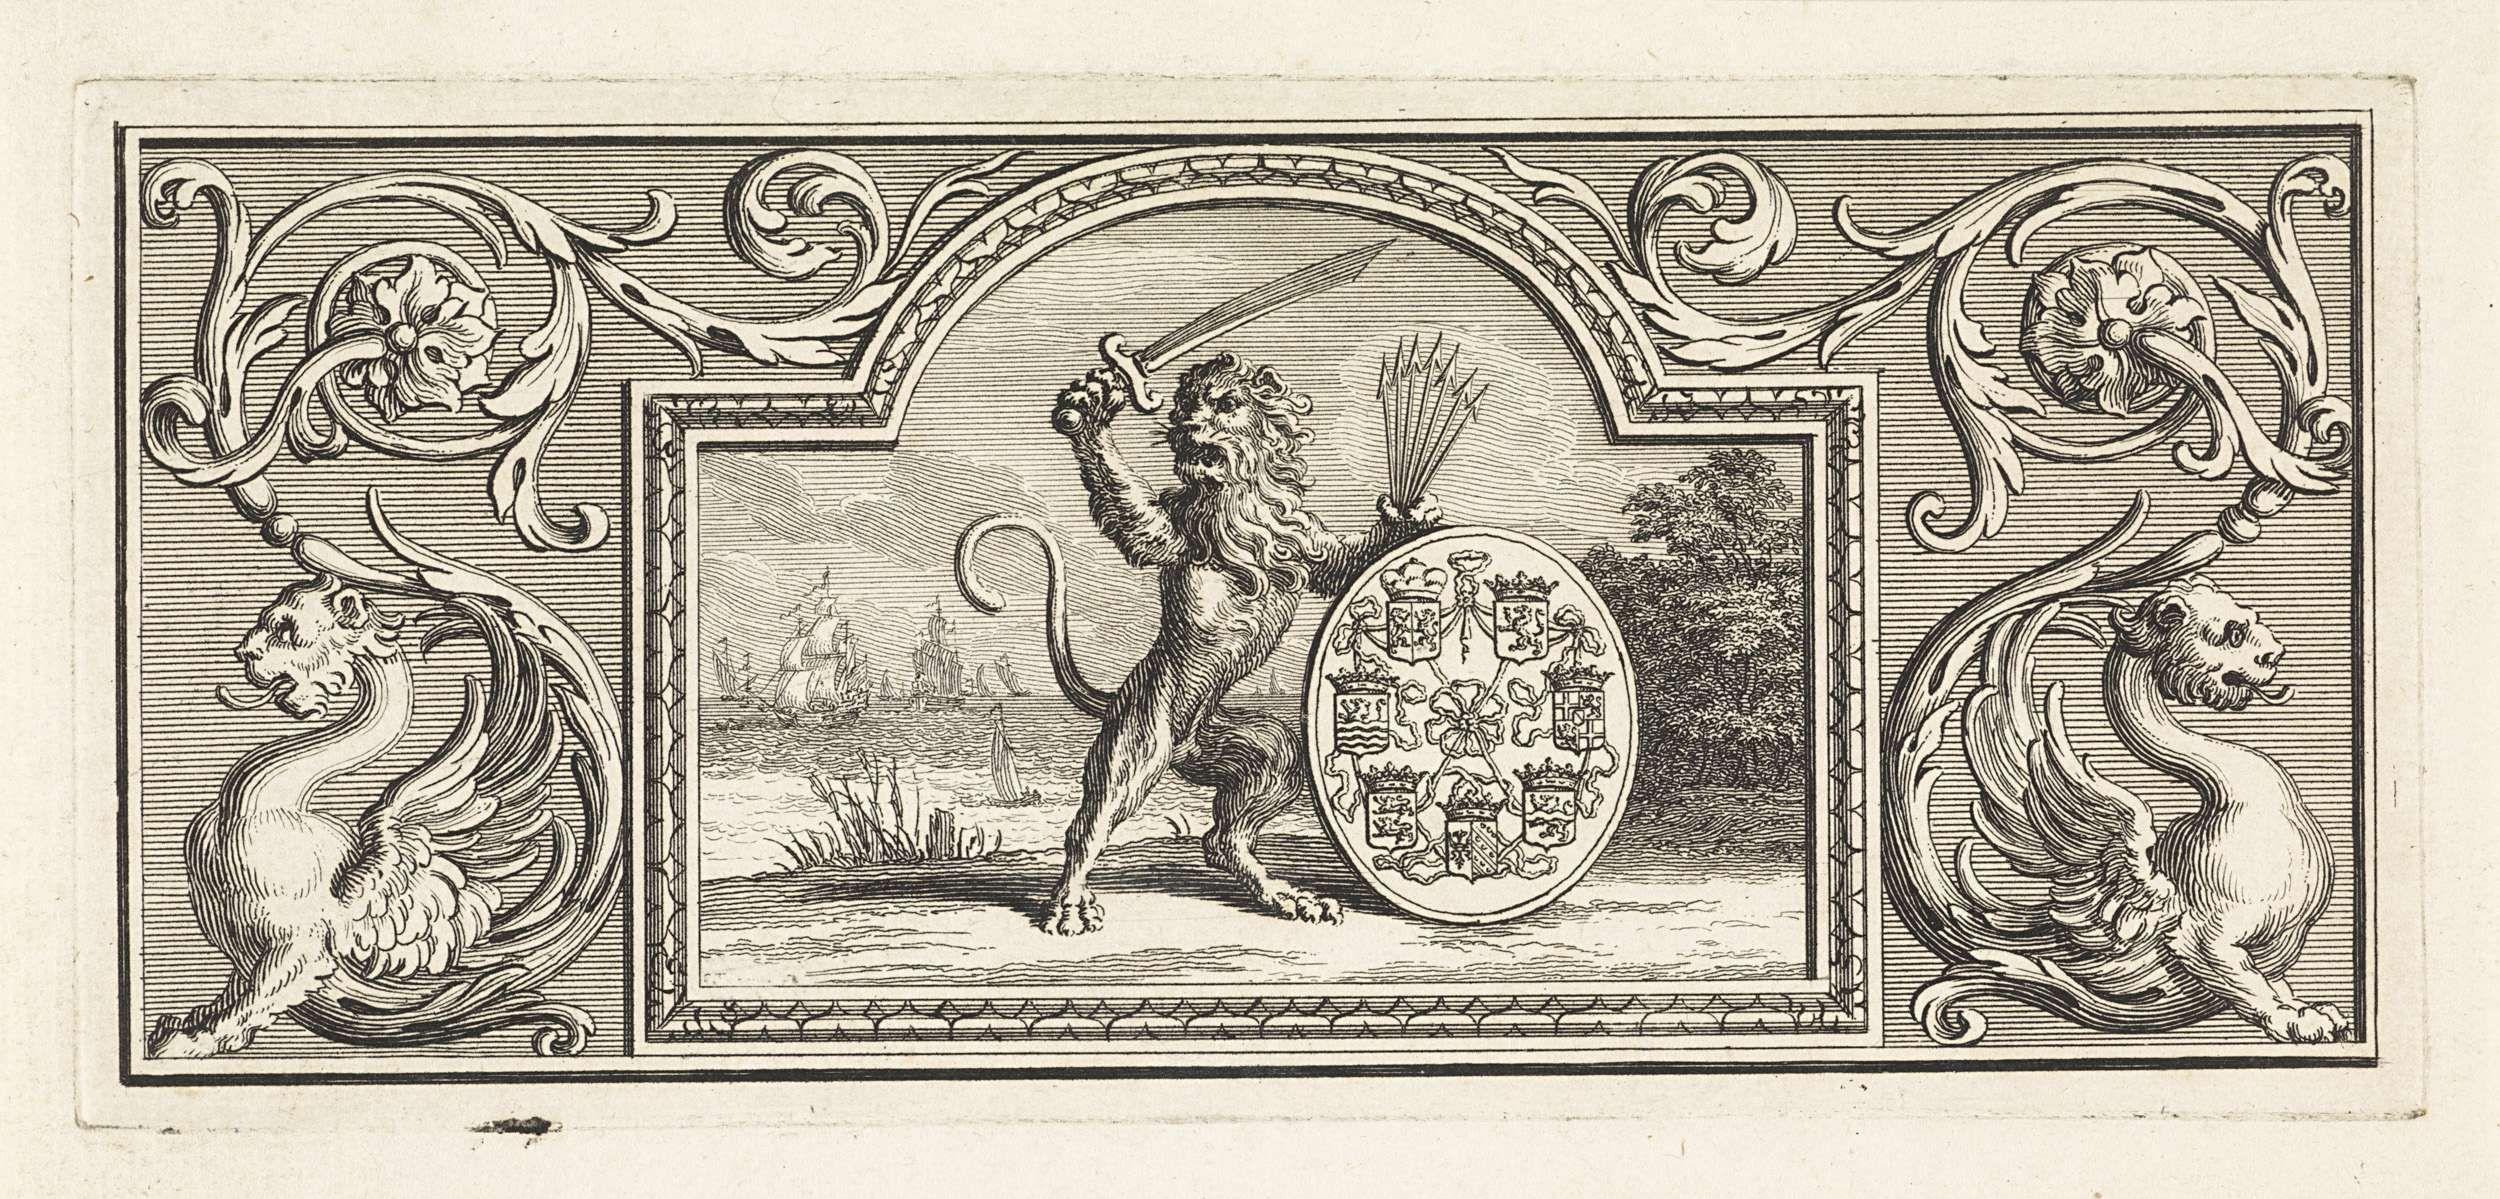 Bernard Picart | Hollandse leeuw die het wapen van de zeven provincieën vasthoudt, Bernard Picart, 1716 | De Hollandse leeuw met zwaard en de bundel pijlen in de handen bij een schild met de wapenschilden van de Zeven Provincieën. De voorstelling is gevat in een ornamentele lijst.